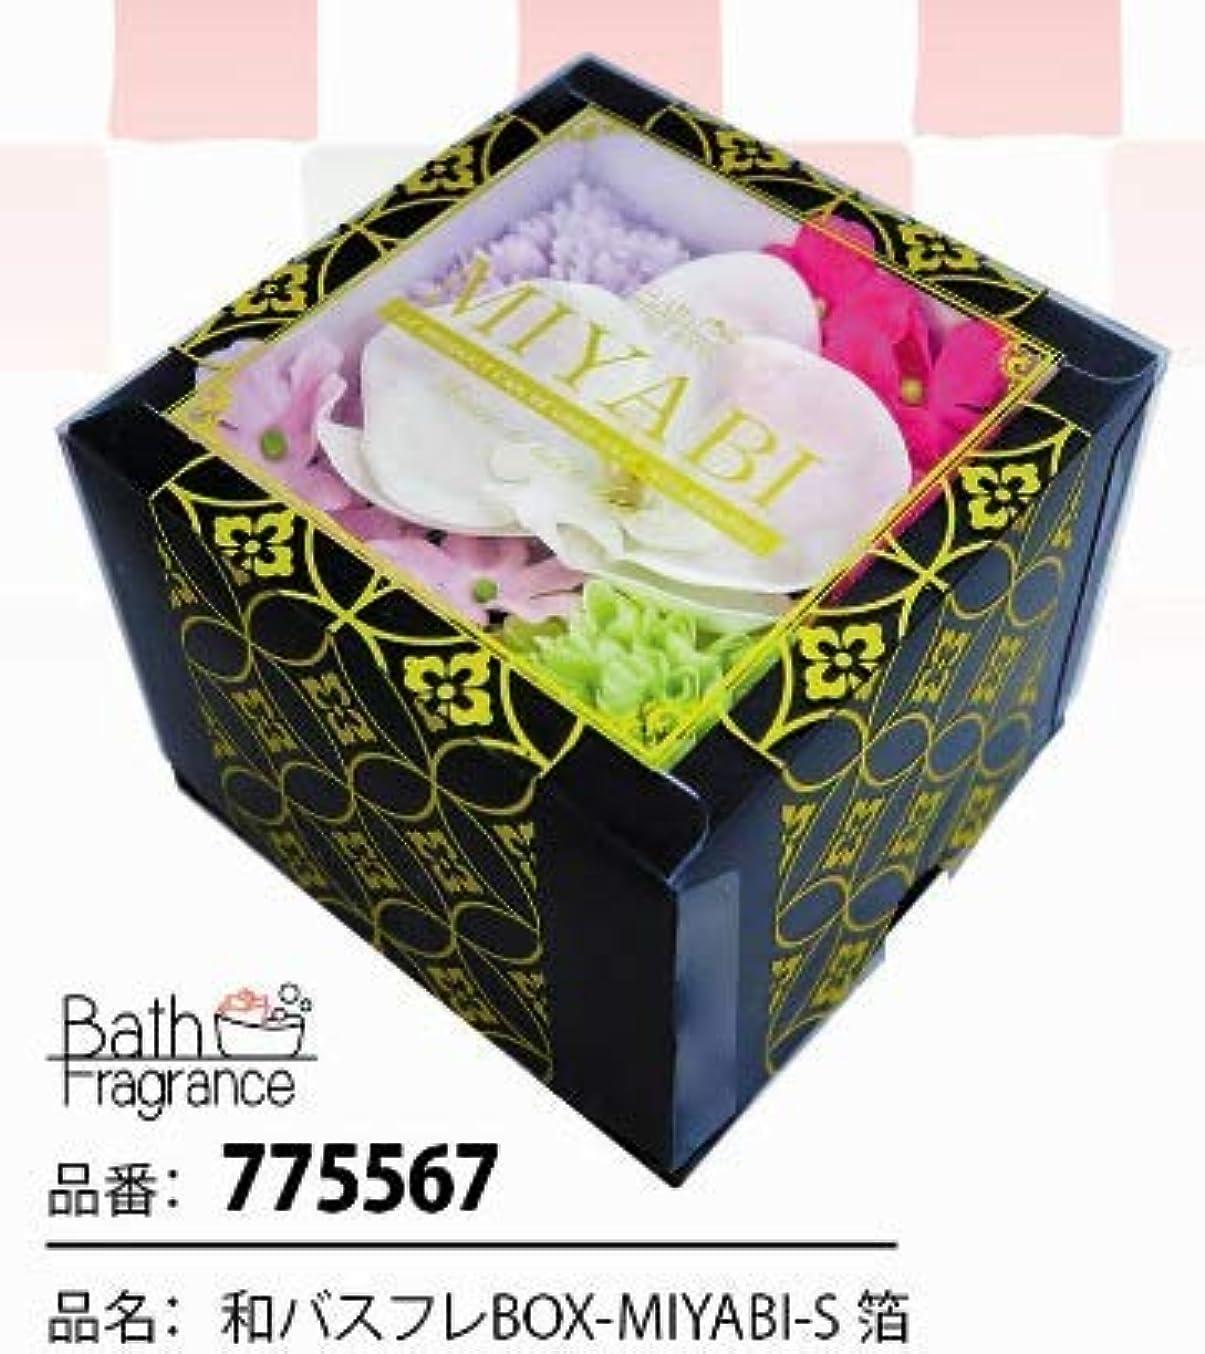 尊敬連続した流す花のカタチの入浴剤 和バスフレBOX-MIYABI-S箔 775567